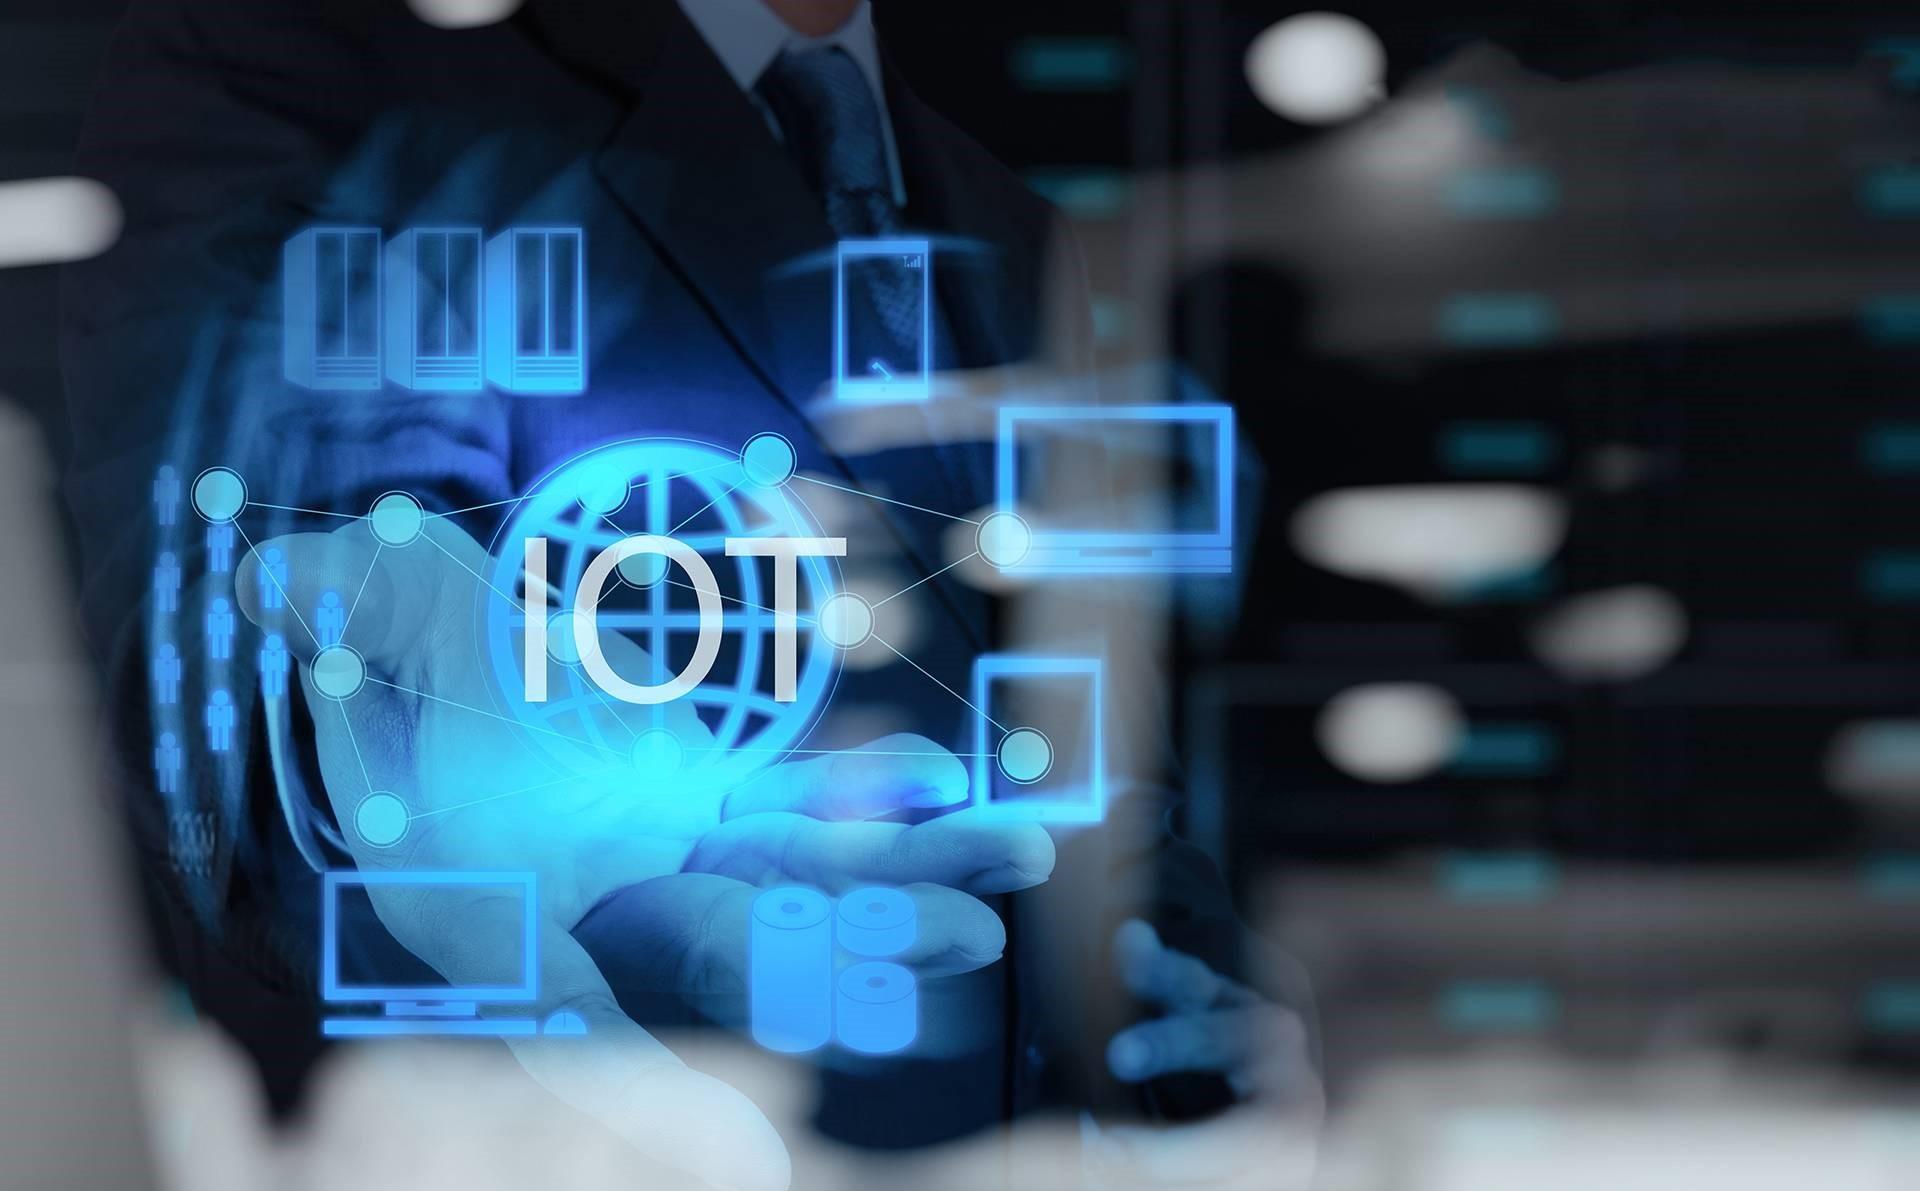 盘点物联网在医疗保健领域的应用现状及前景